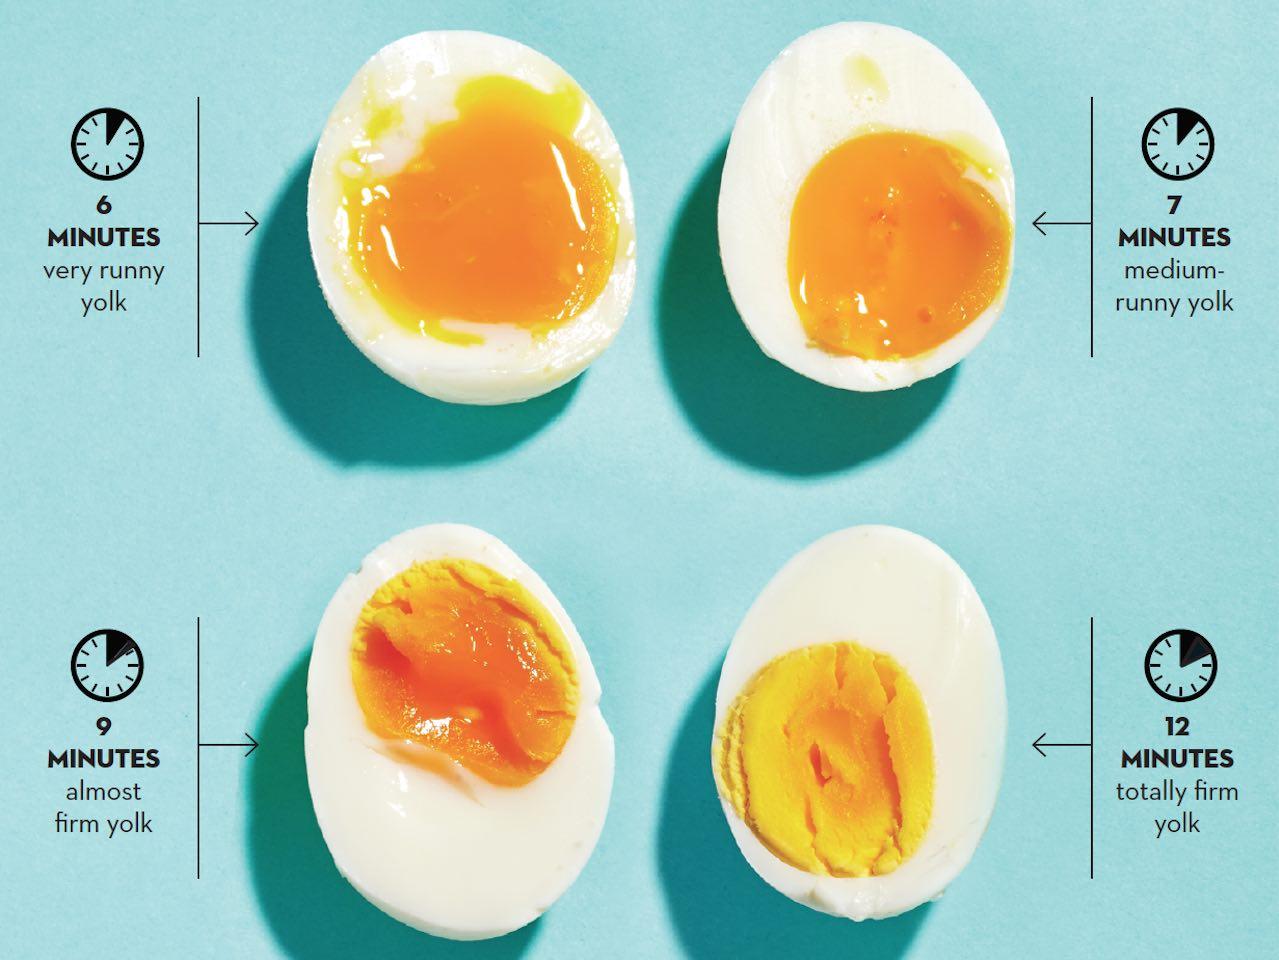 cách luộc trứng 3 cách luộc trứng Cách luộc trứng đơn giản nhưng không phải ai cũng làm được cach luoc trung 3